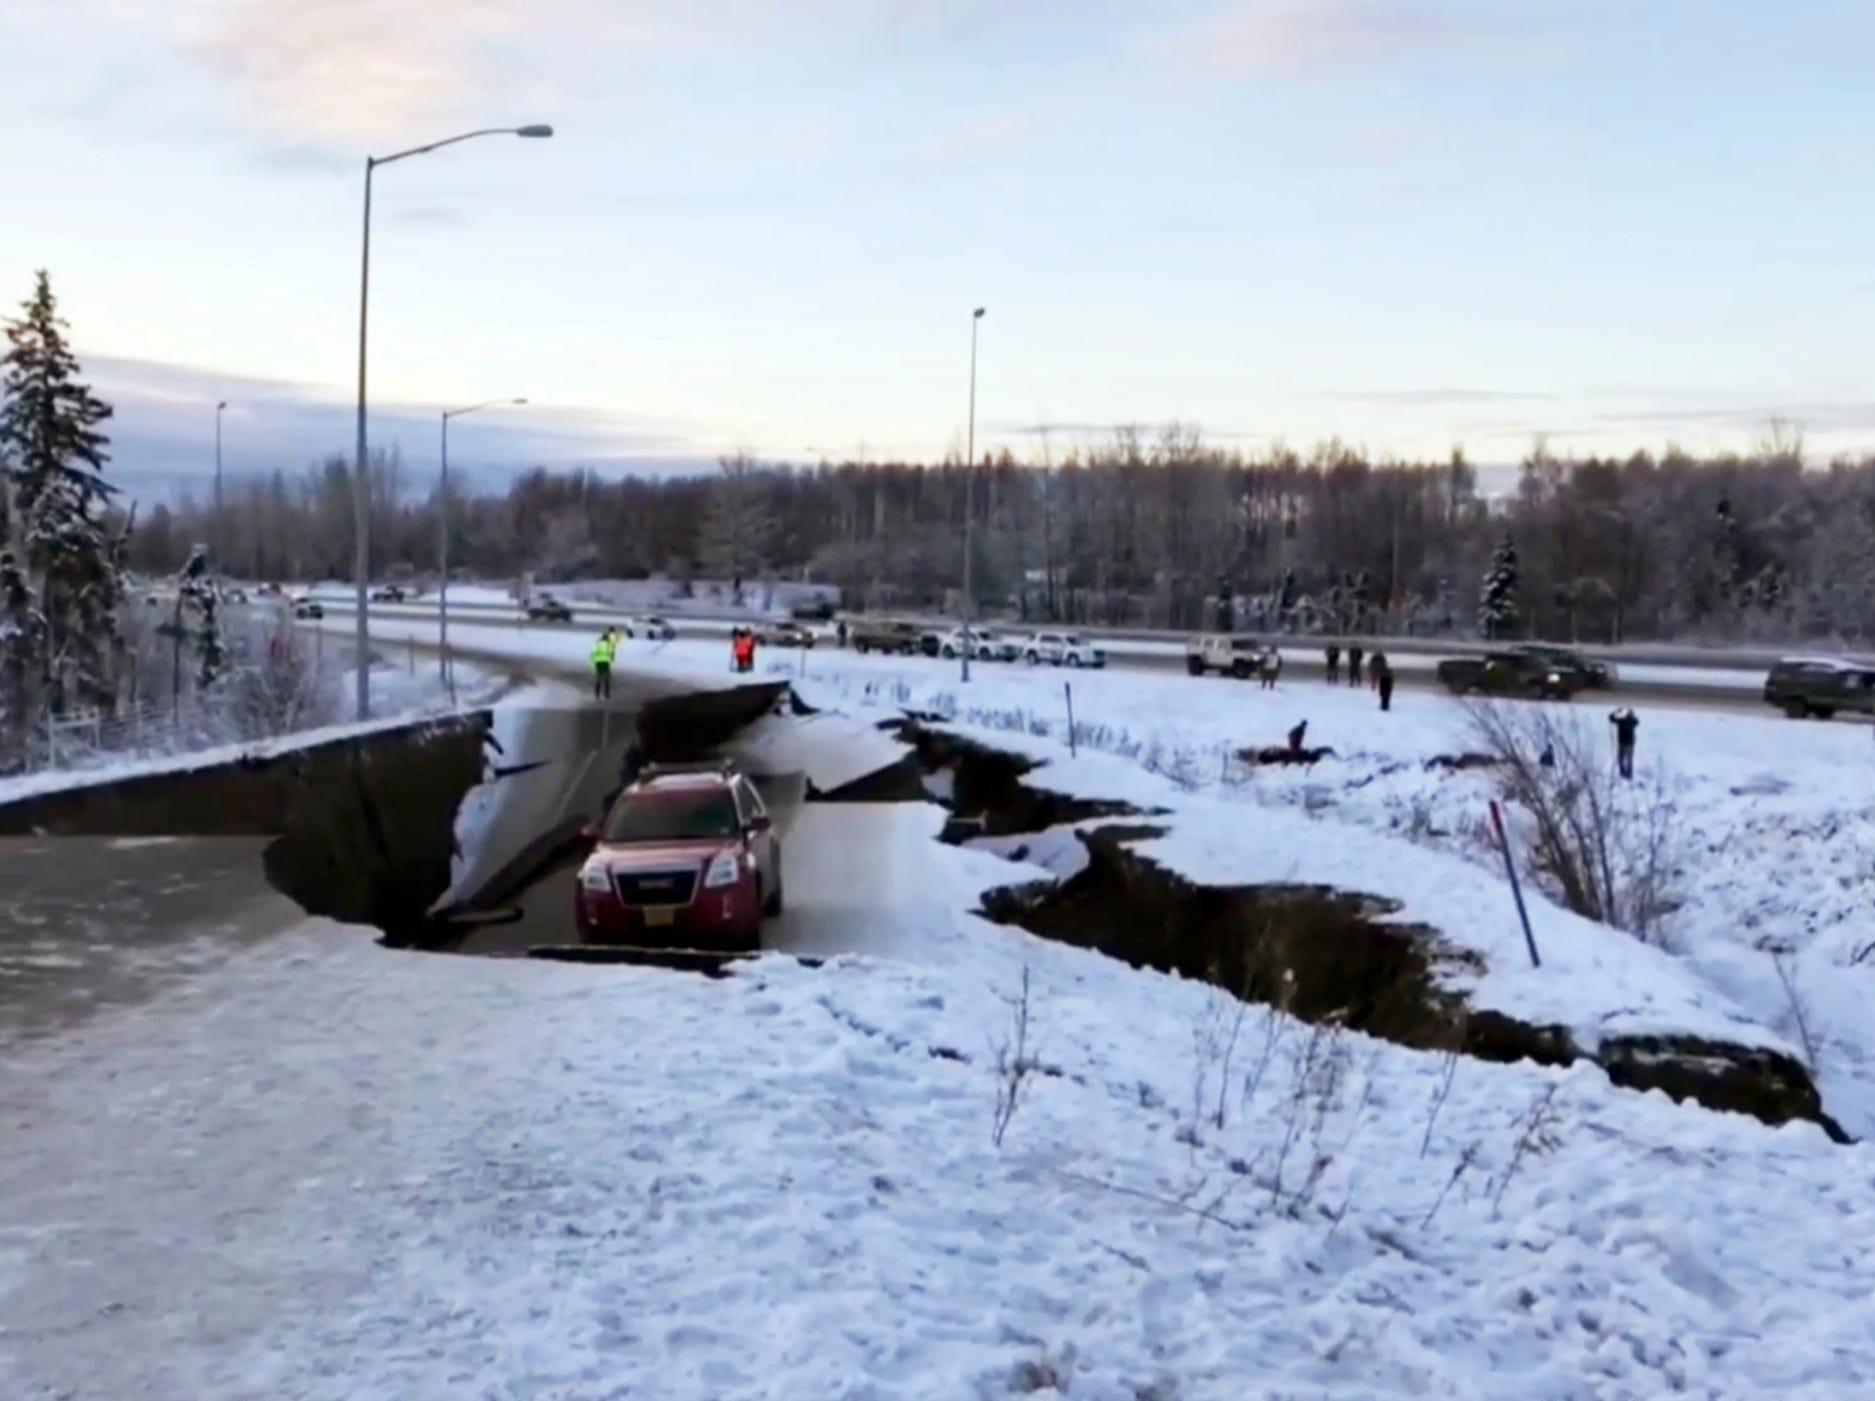 Un automóvil quedó atrapado en una sección colapsada de la rampa de la entrada en Anchorage, el viernes 30 de noviembre de 2018. Los edificios y carreteras colapsadas el viernes por la mañana en Anchorage, por los terremotos consecutivos de 7.0 y 5.8, incitan a la gente a huir o buscar refugio debajo de los escritorios de sus oficinas , mientras que una alerta de tsunami hizo que algunos buscarán un lugar más alto.